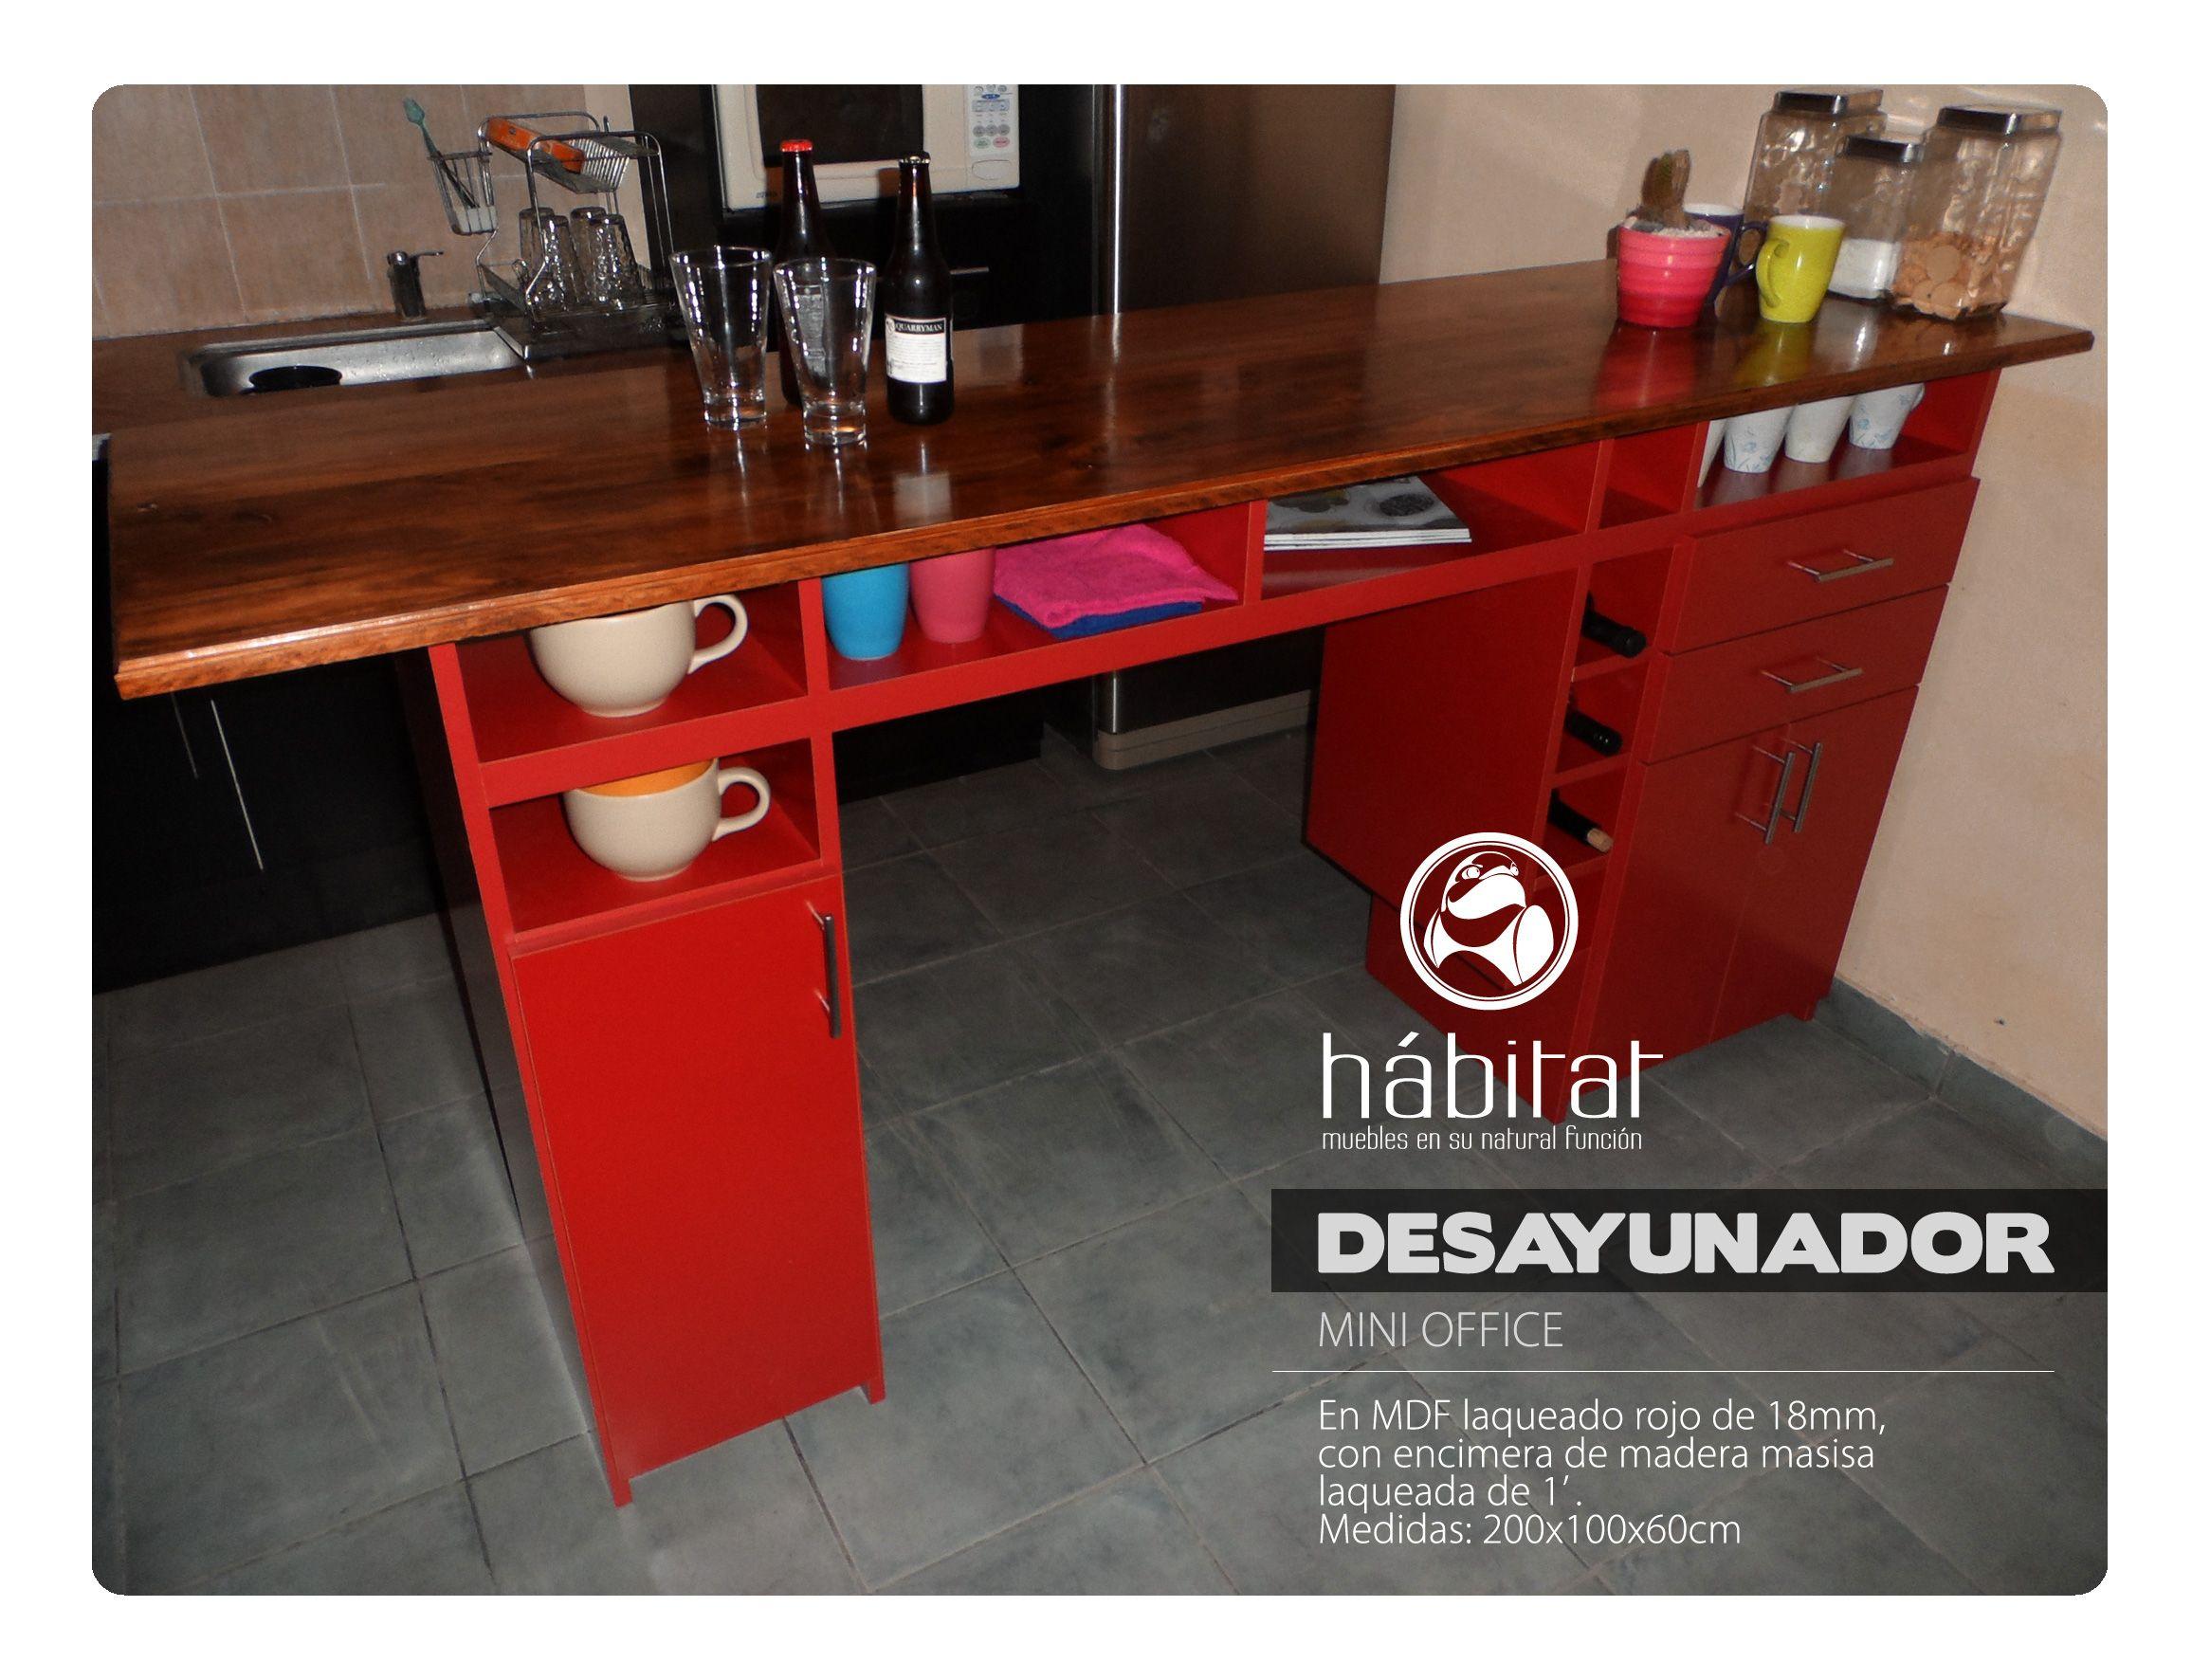 Desayunador En Mdf Laqueado Rojo De 18mm Con Encimera De Madera  # Define Muebles Y Enseres